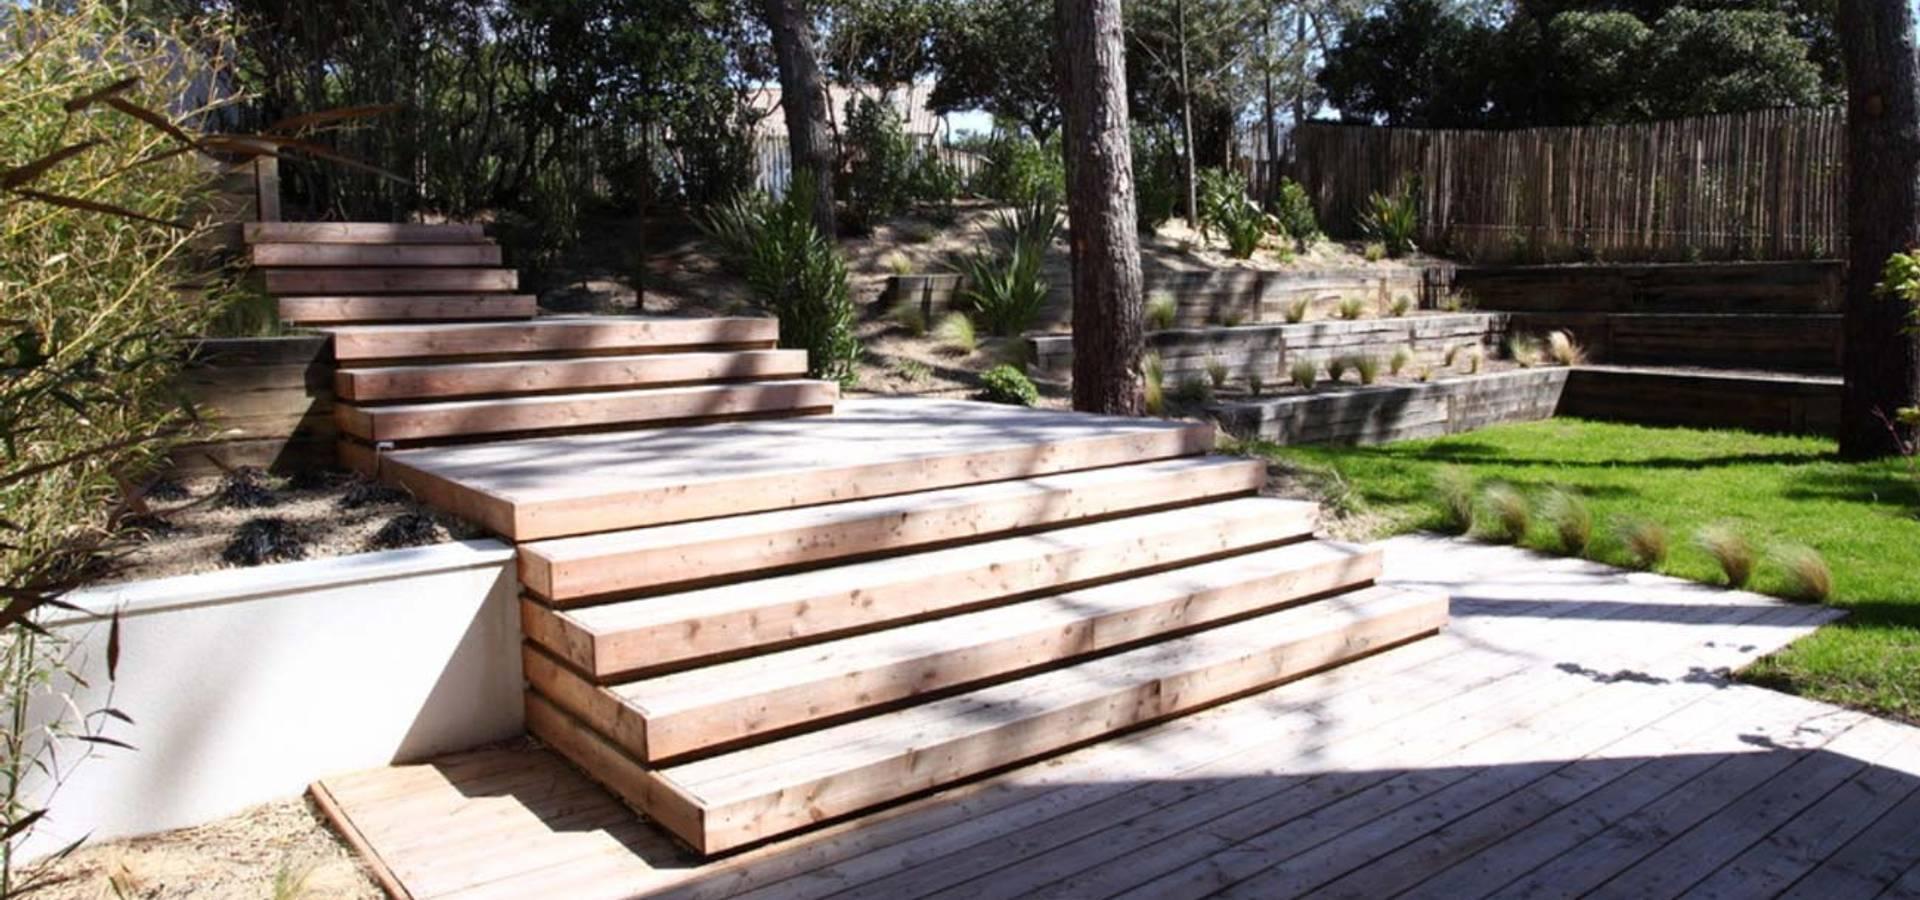 am nagement d 39 un jardin de particulier au cap ferret par nl paysage paysagiste dplg homify. Black Bedroom Furniture Sets. Home Design Ideas